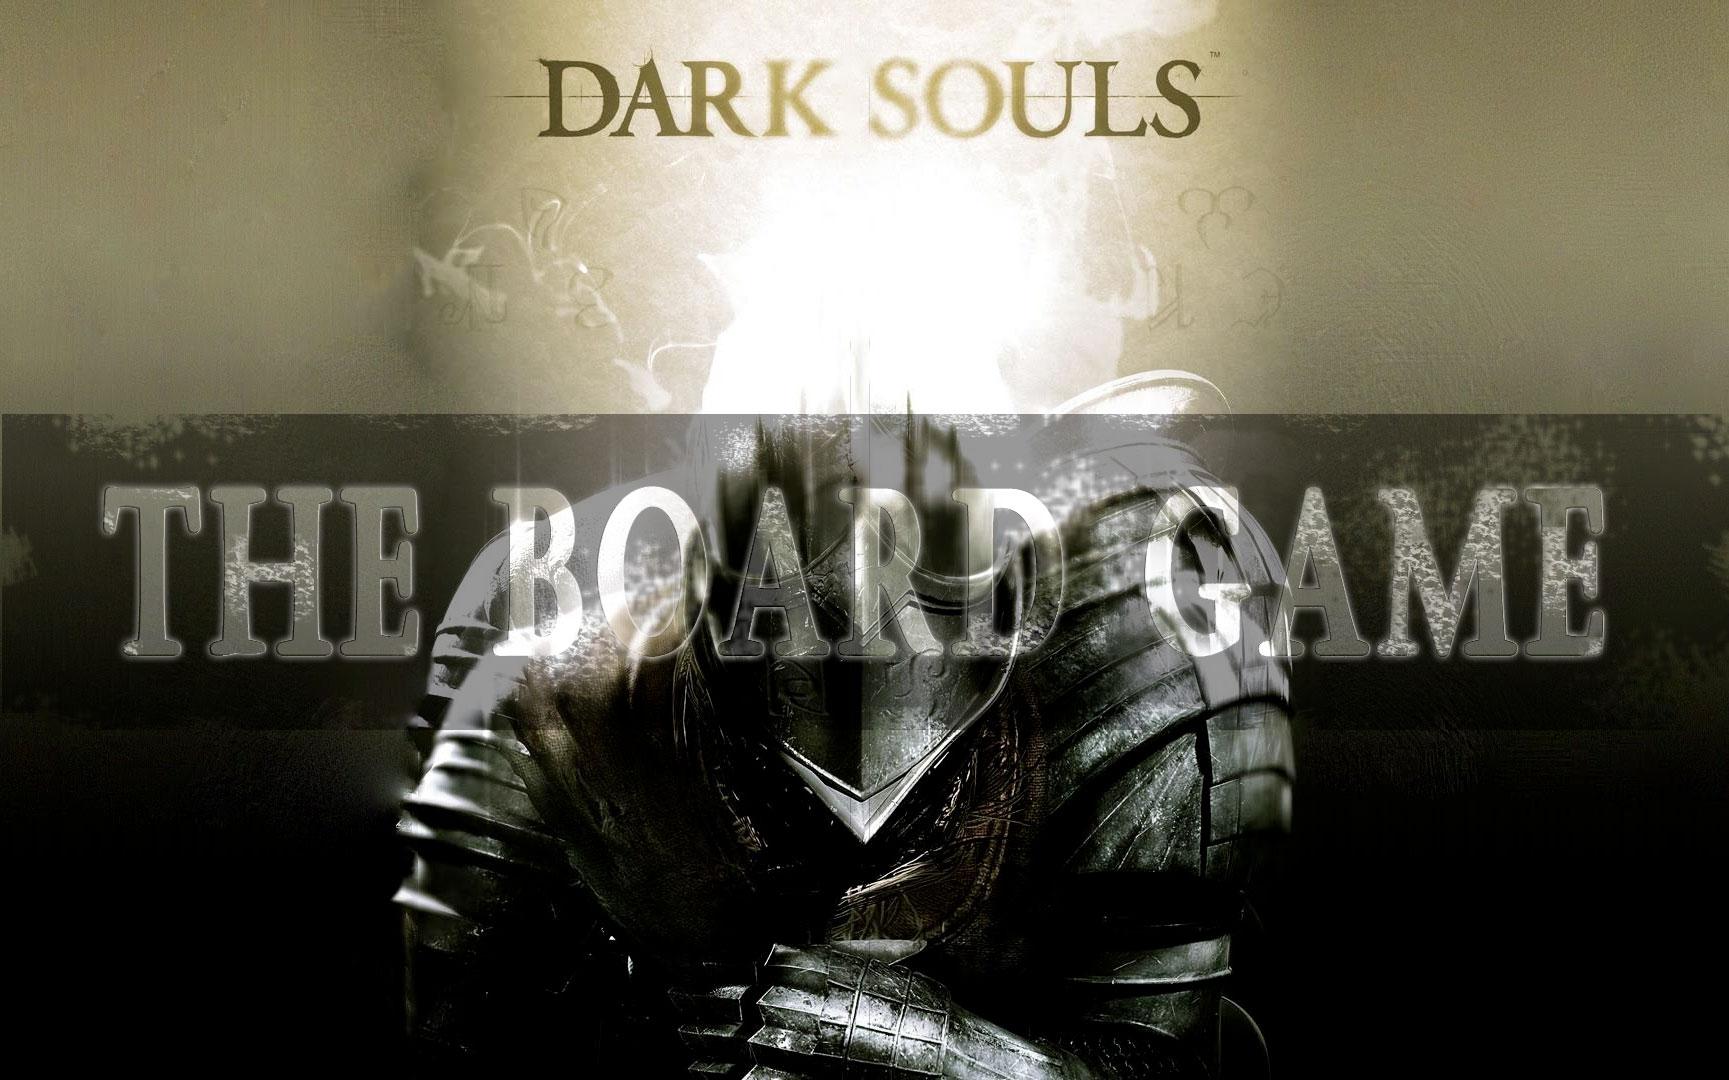 Dark souls in uscita il gioco da tavolo - Gioco da tavolo dark souls ...